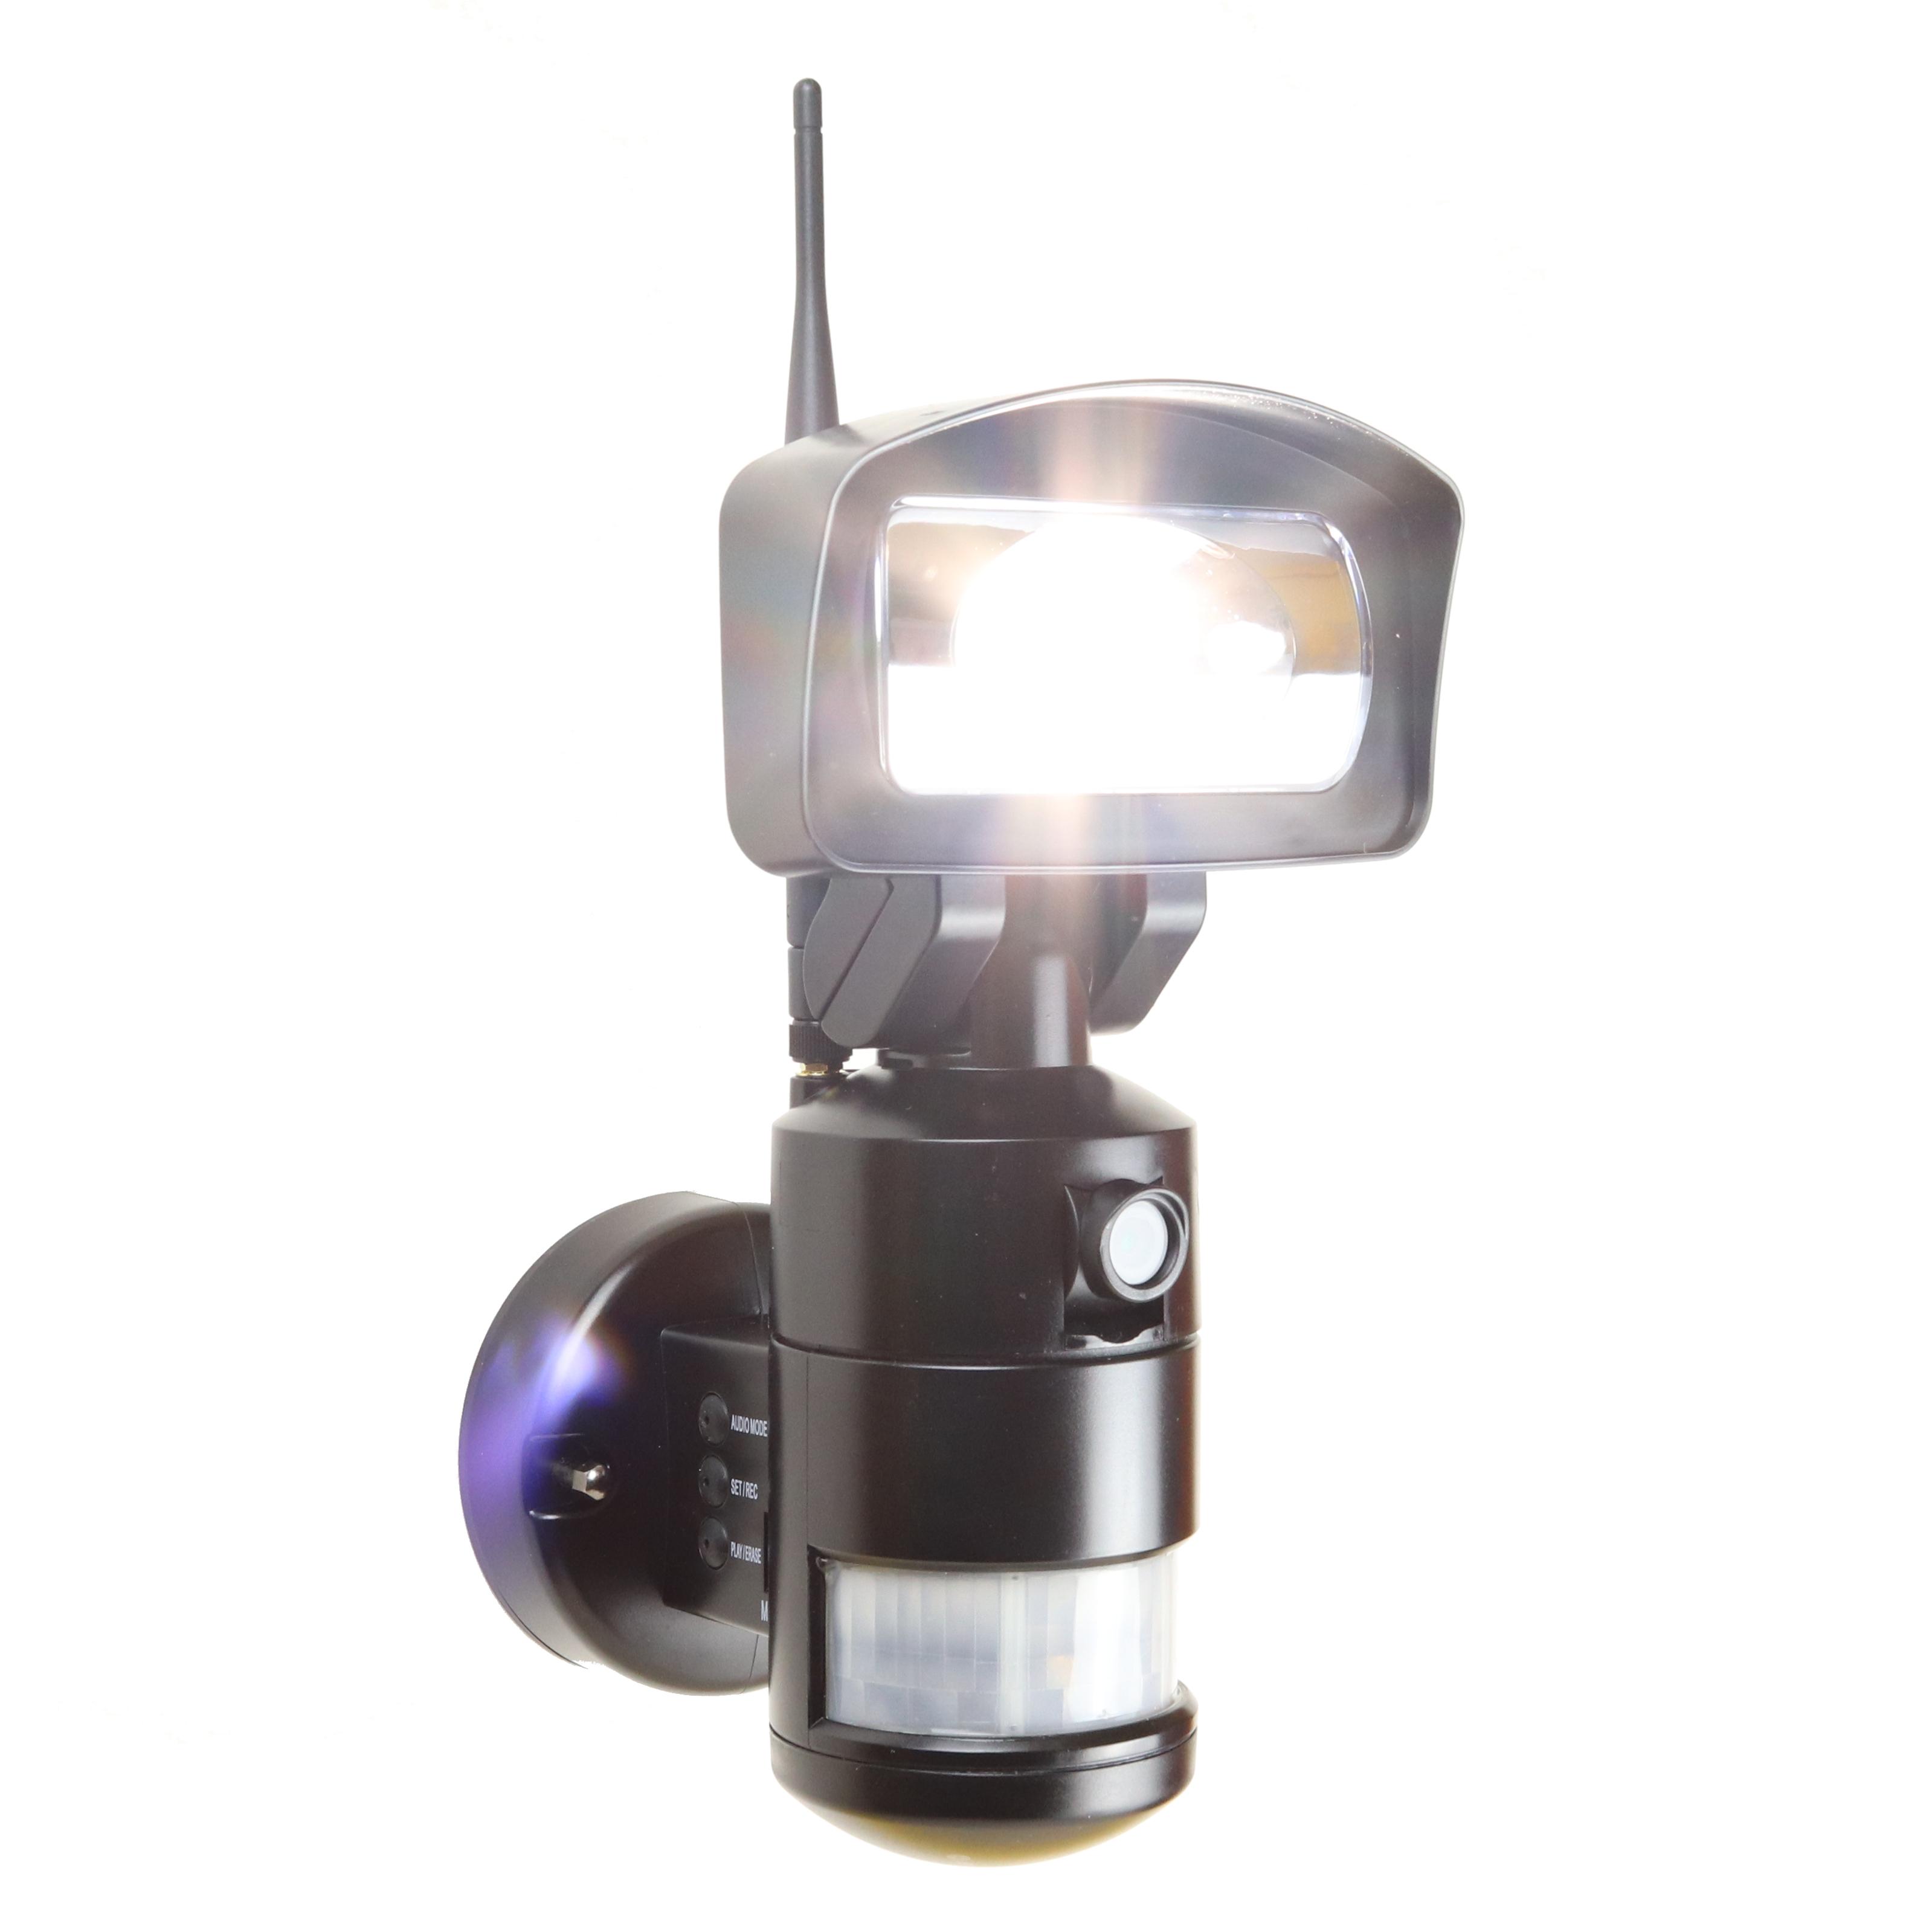 brz light knuckle flood security tremtech led kn electrical design b mount rab